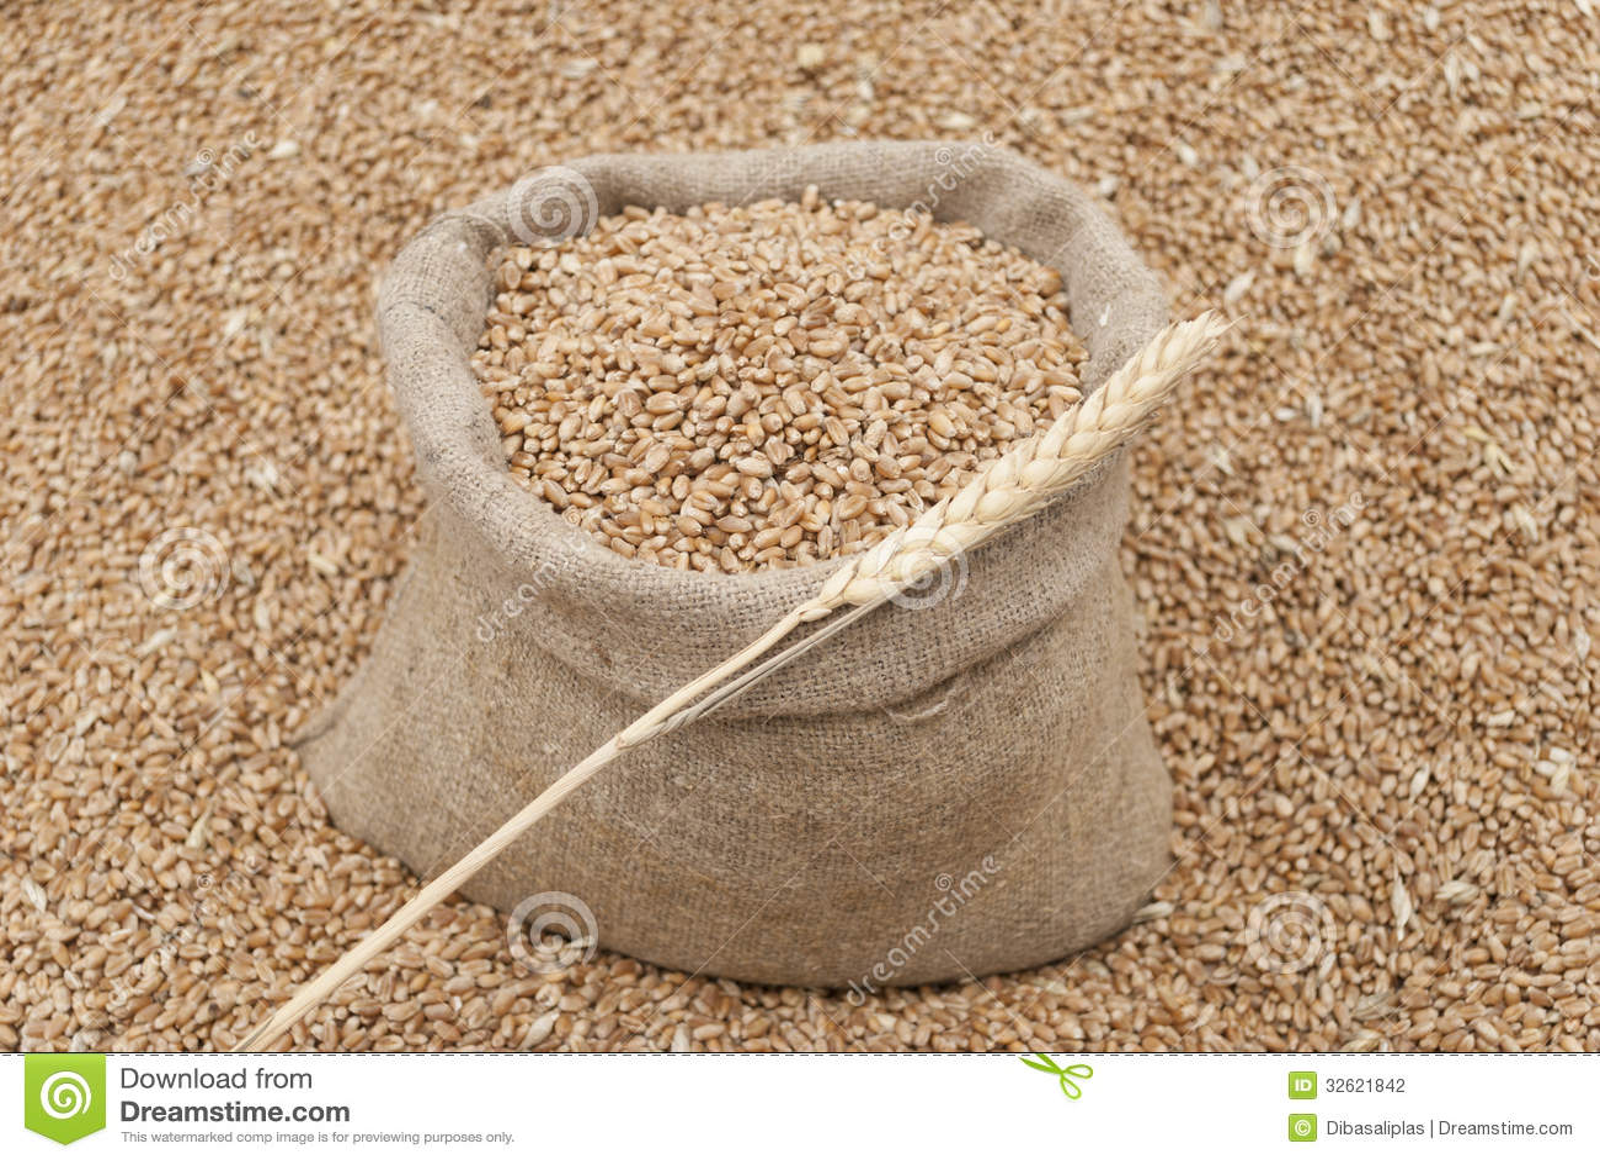 Borsa di grano.